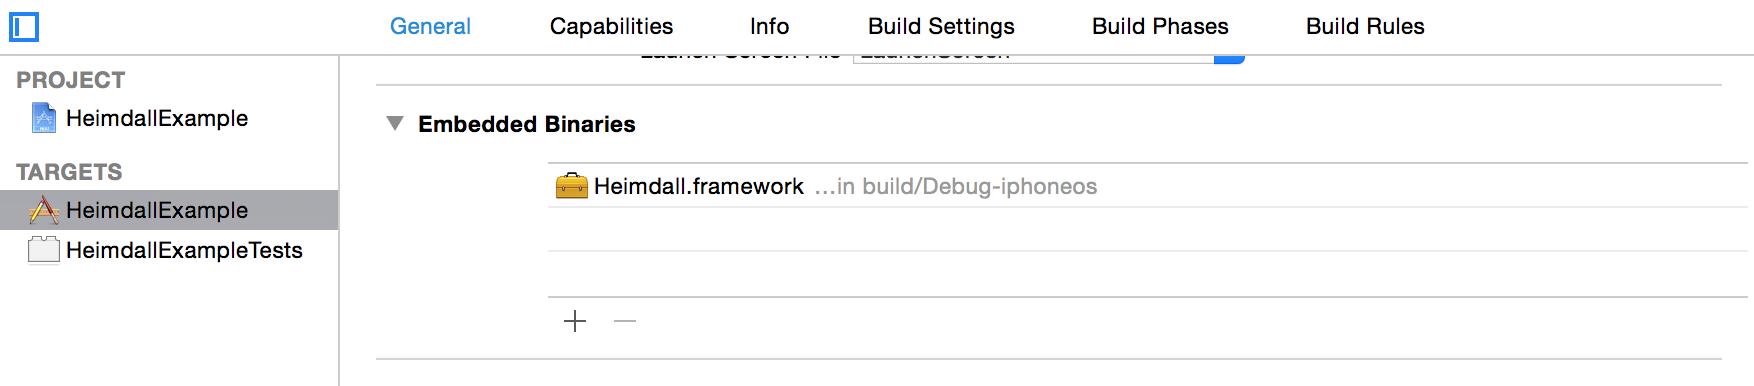 Embedded Binaries under application target settings